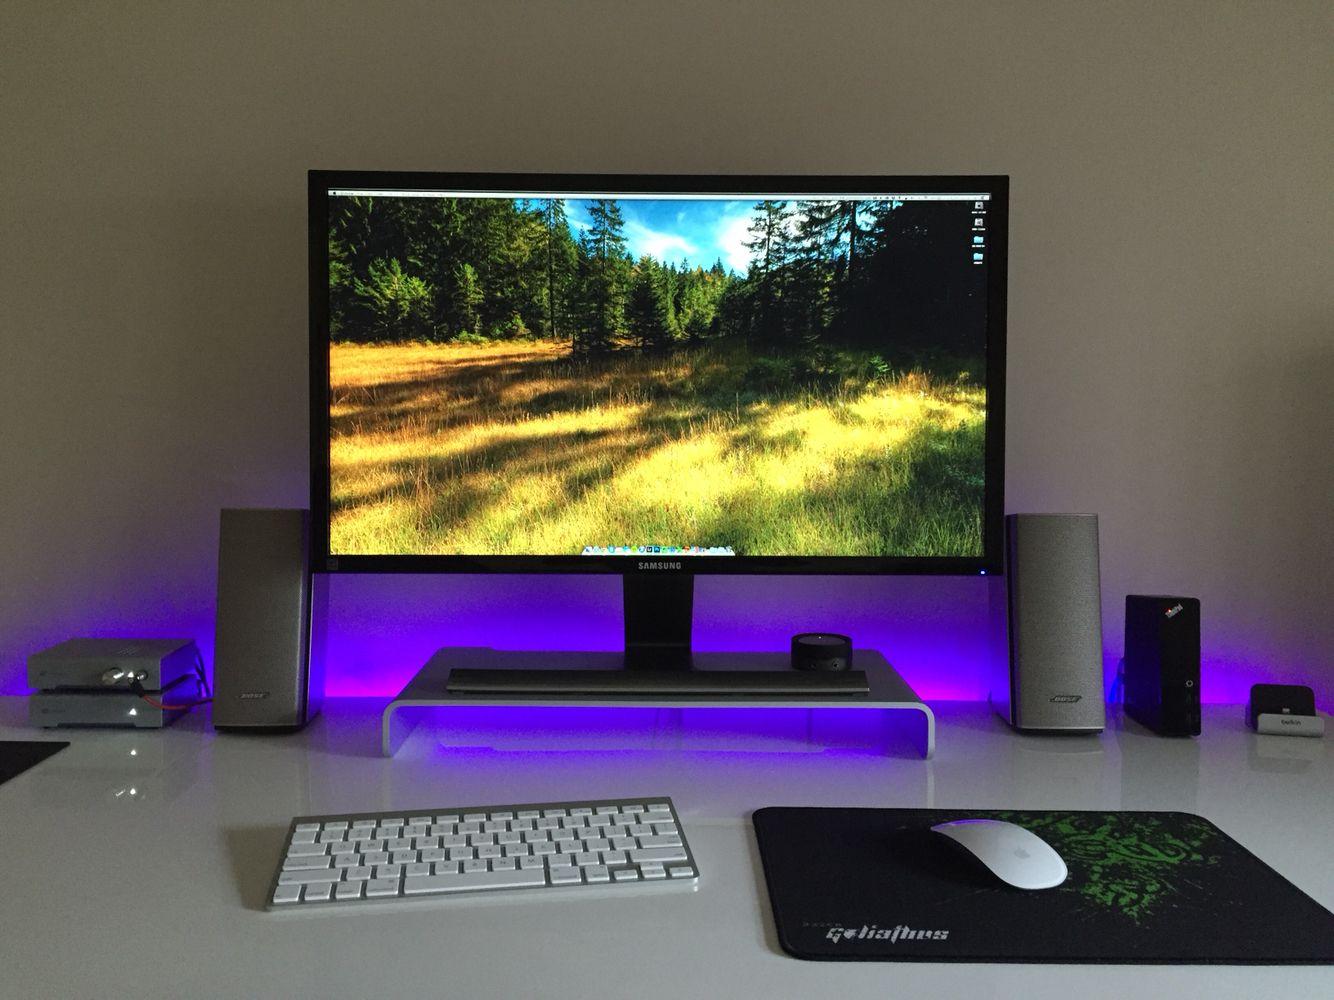 Computer desk setup 2015 v3 macbook pro 15 retina